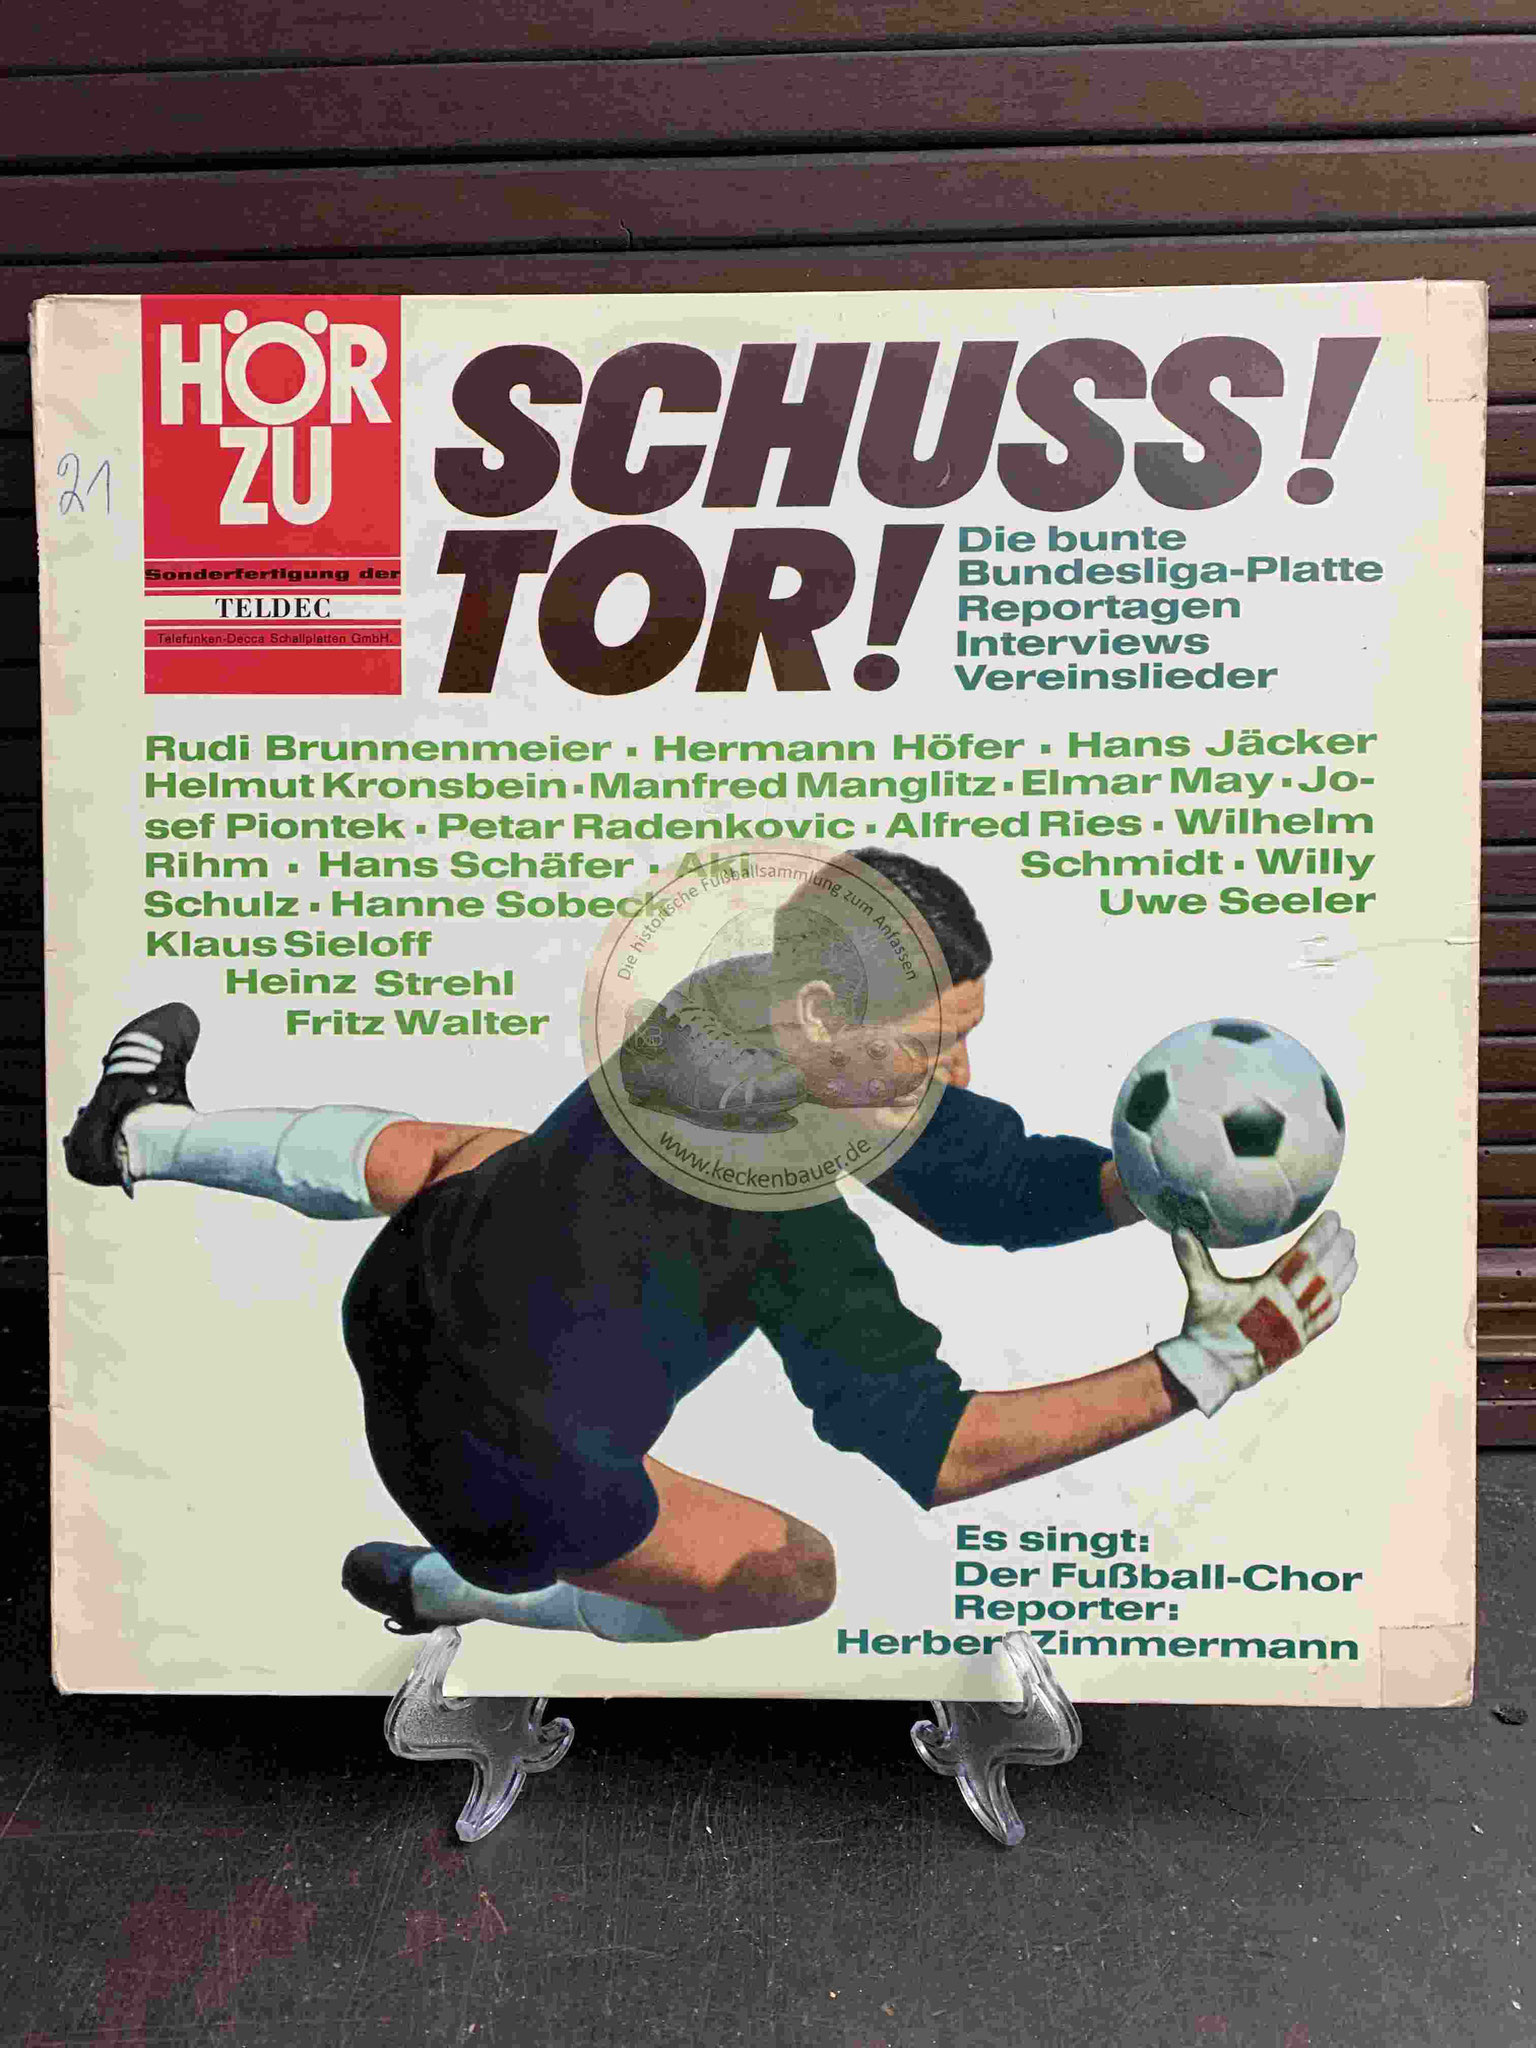 1964 Schuss! Tor! Die bunte Bundesliga-Platte Reportagen Interviews Vereinslieder